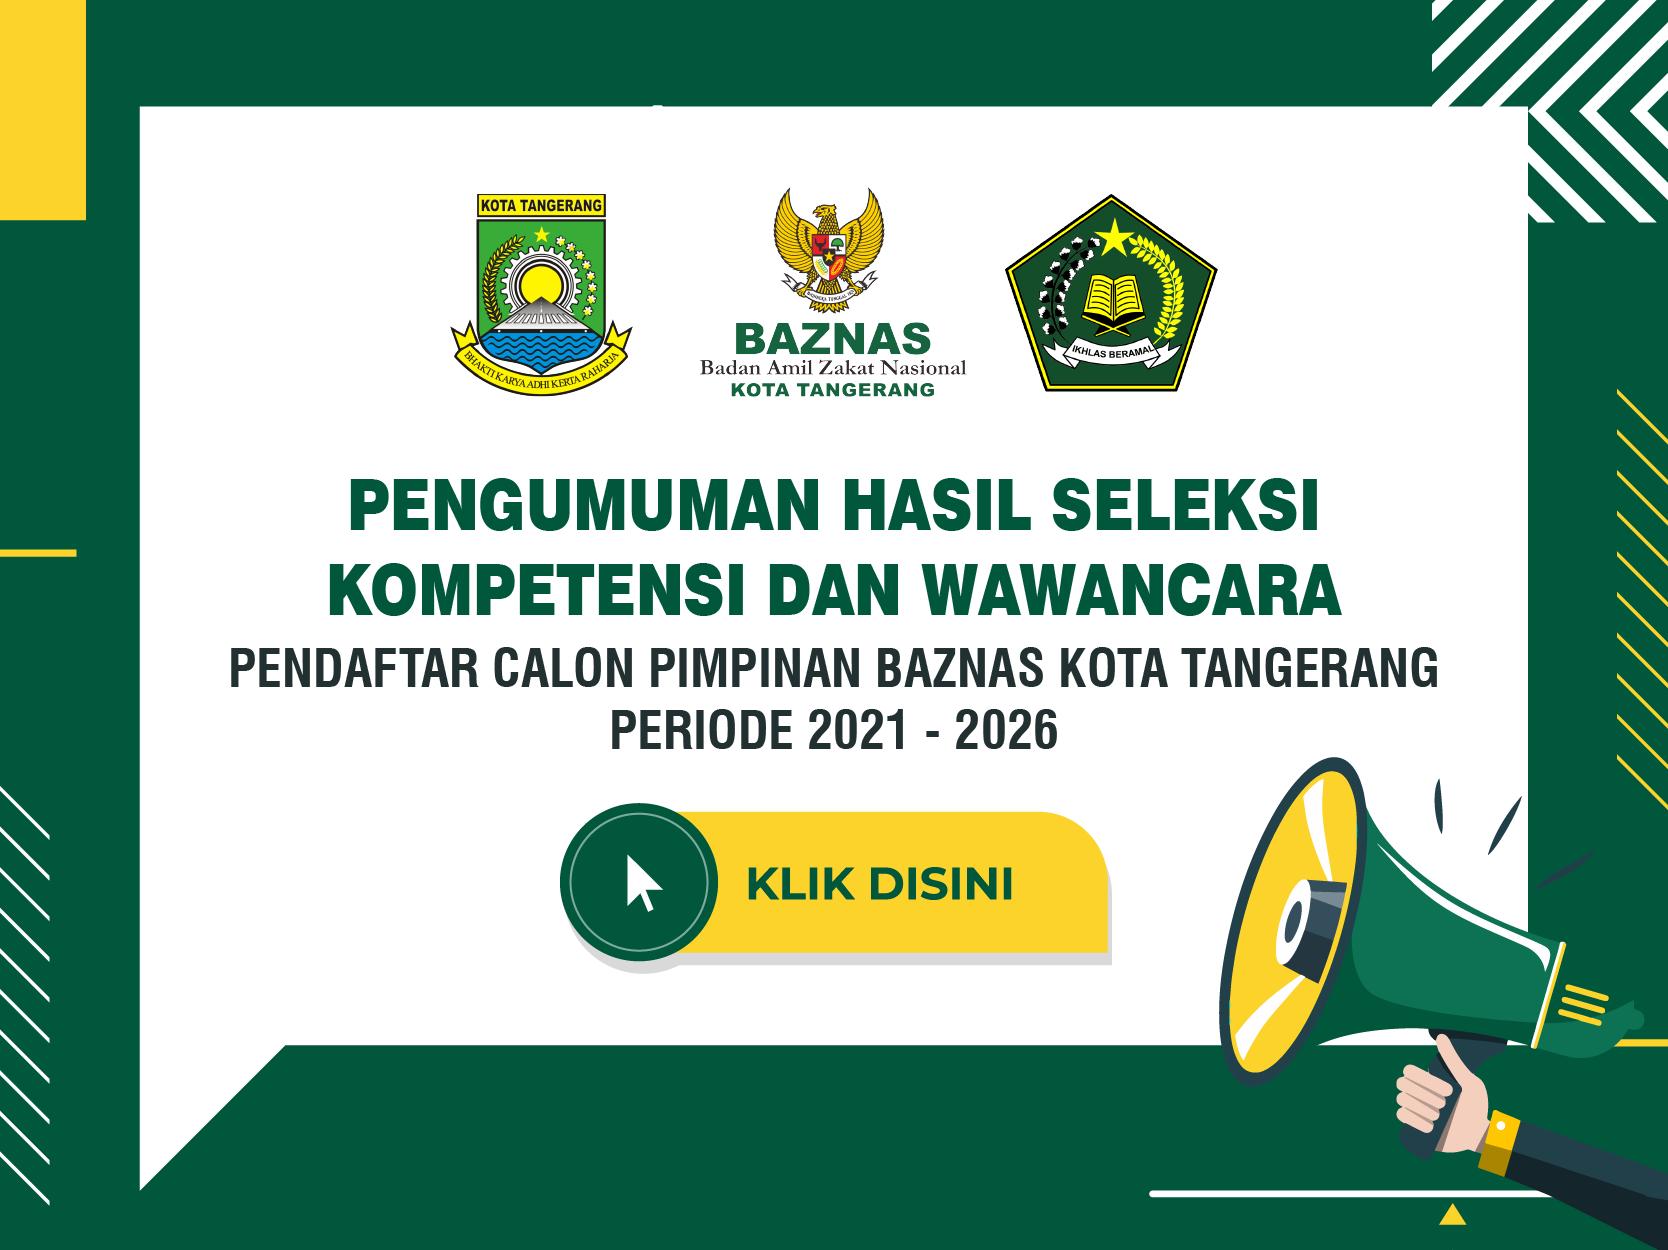 IMG-pengumuman-hasil-seleksi-kompetensi-dan-wawancara-pendaftar-calon-pimpinan-baznas-kota-tangerang-periode-2021-2026